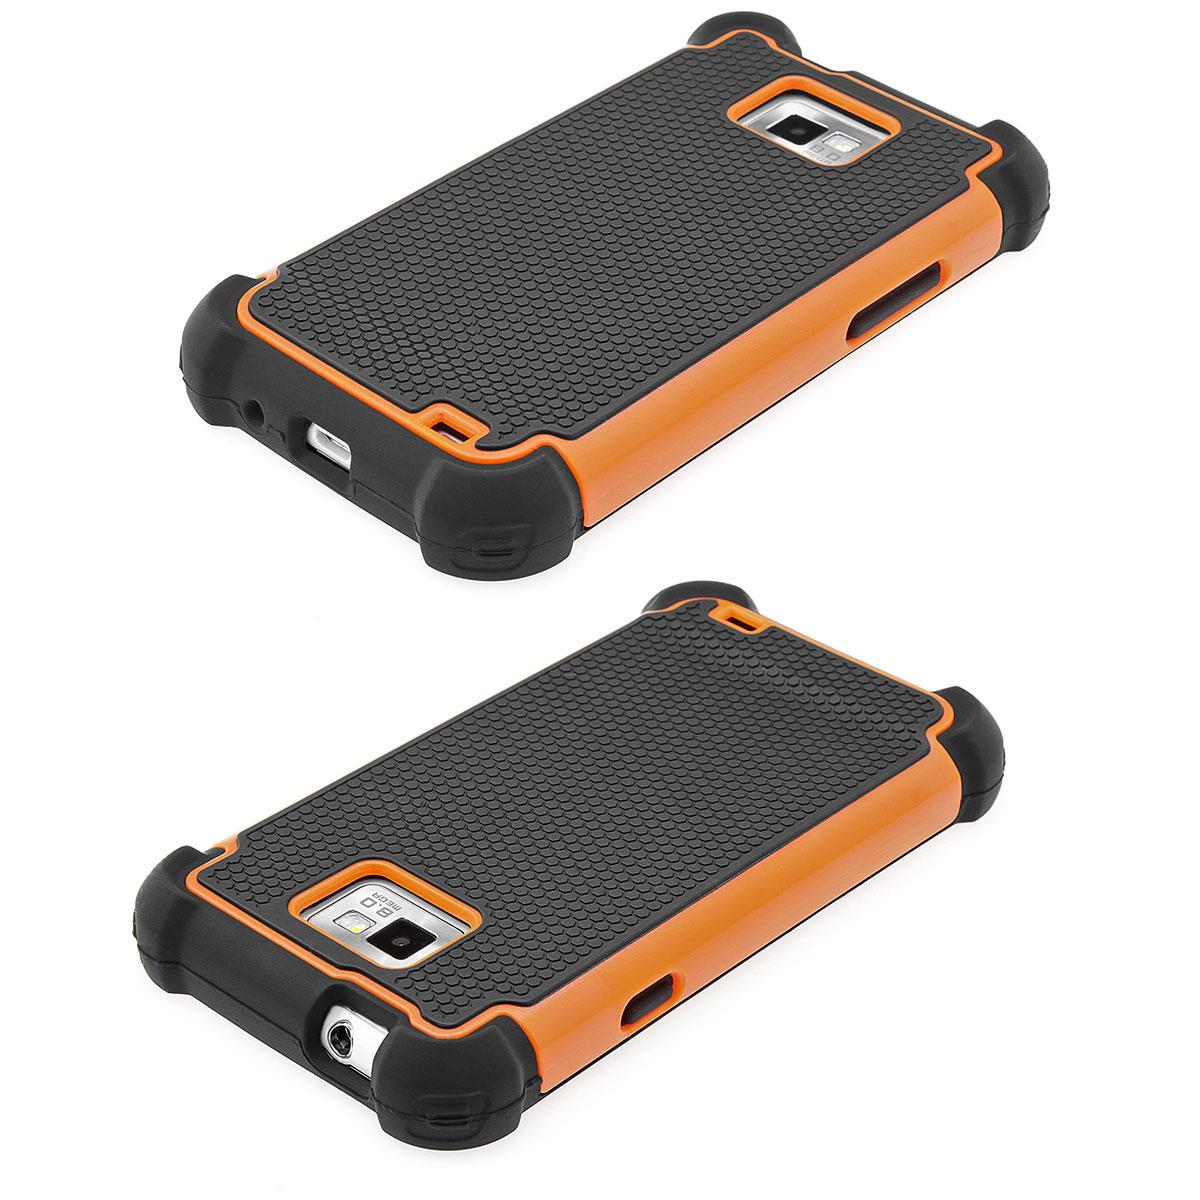 Samsung-Galaxy-S2-i9100-Outdoor-Bumper-Schutz-Huelle-Case-schwarz-orange